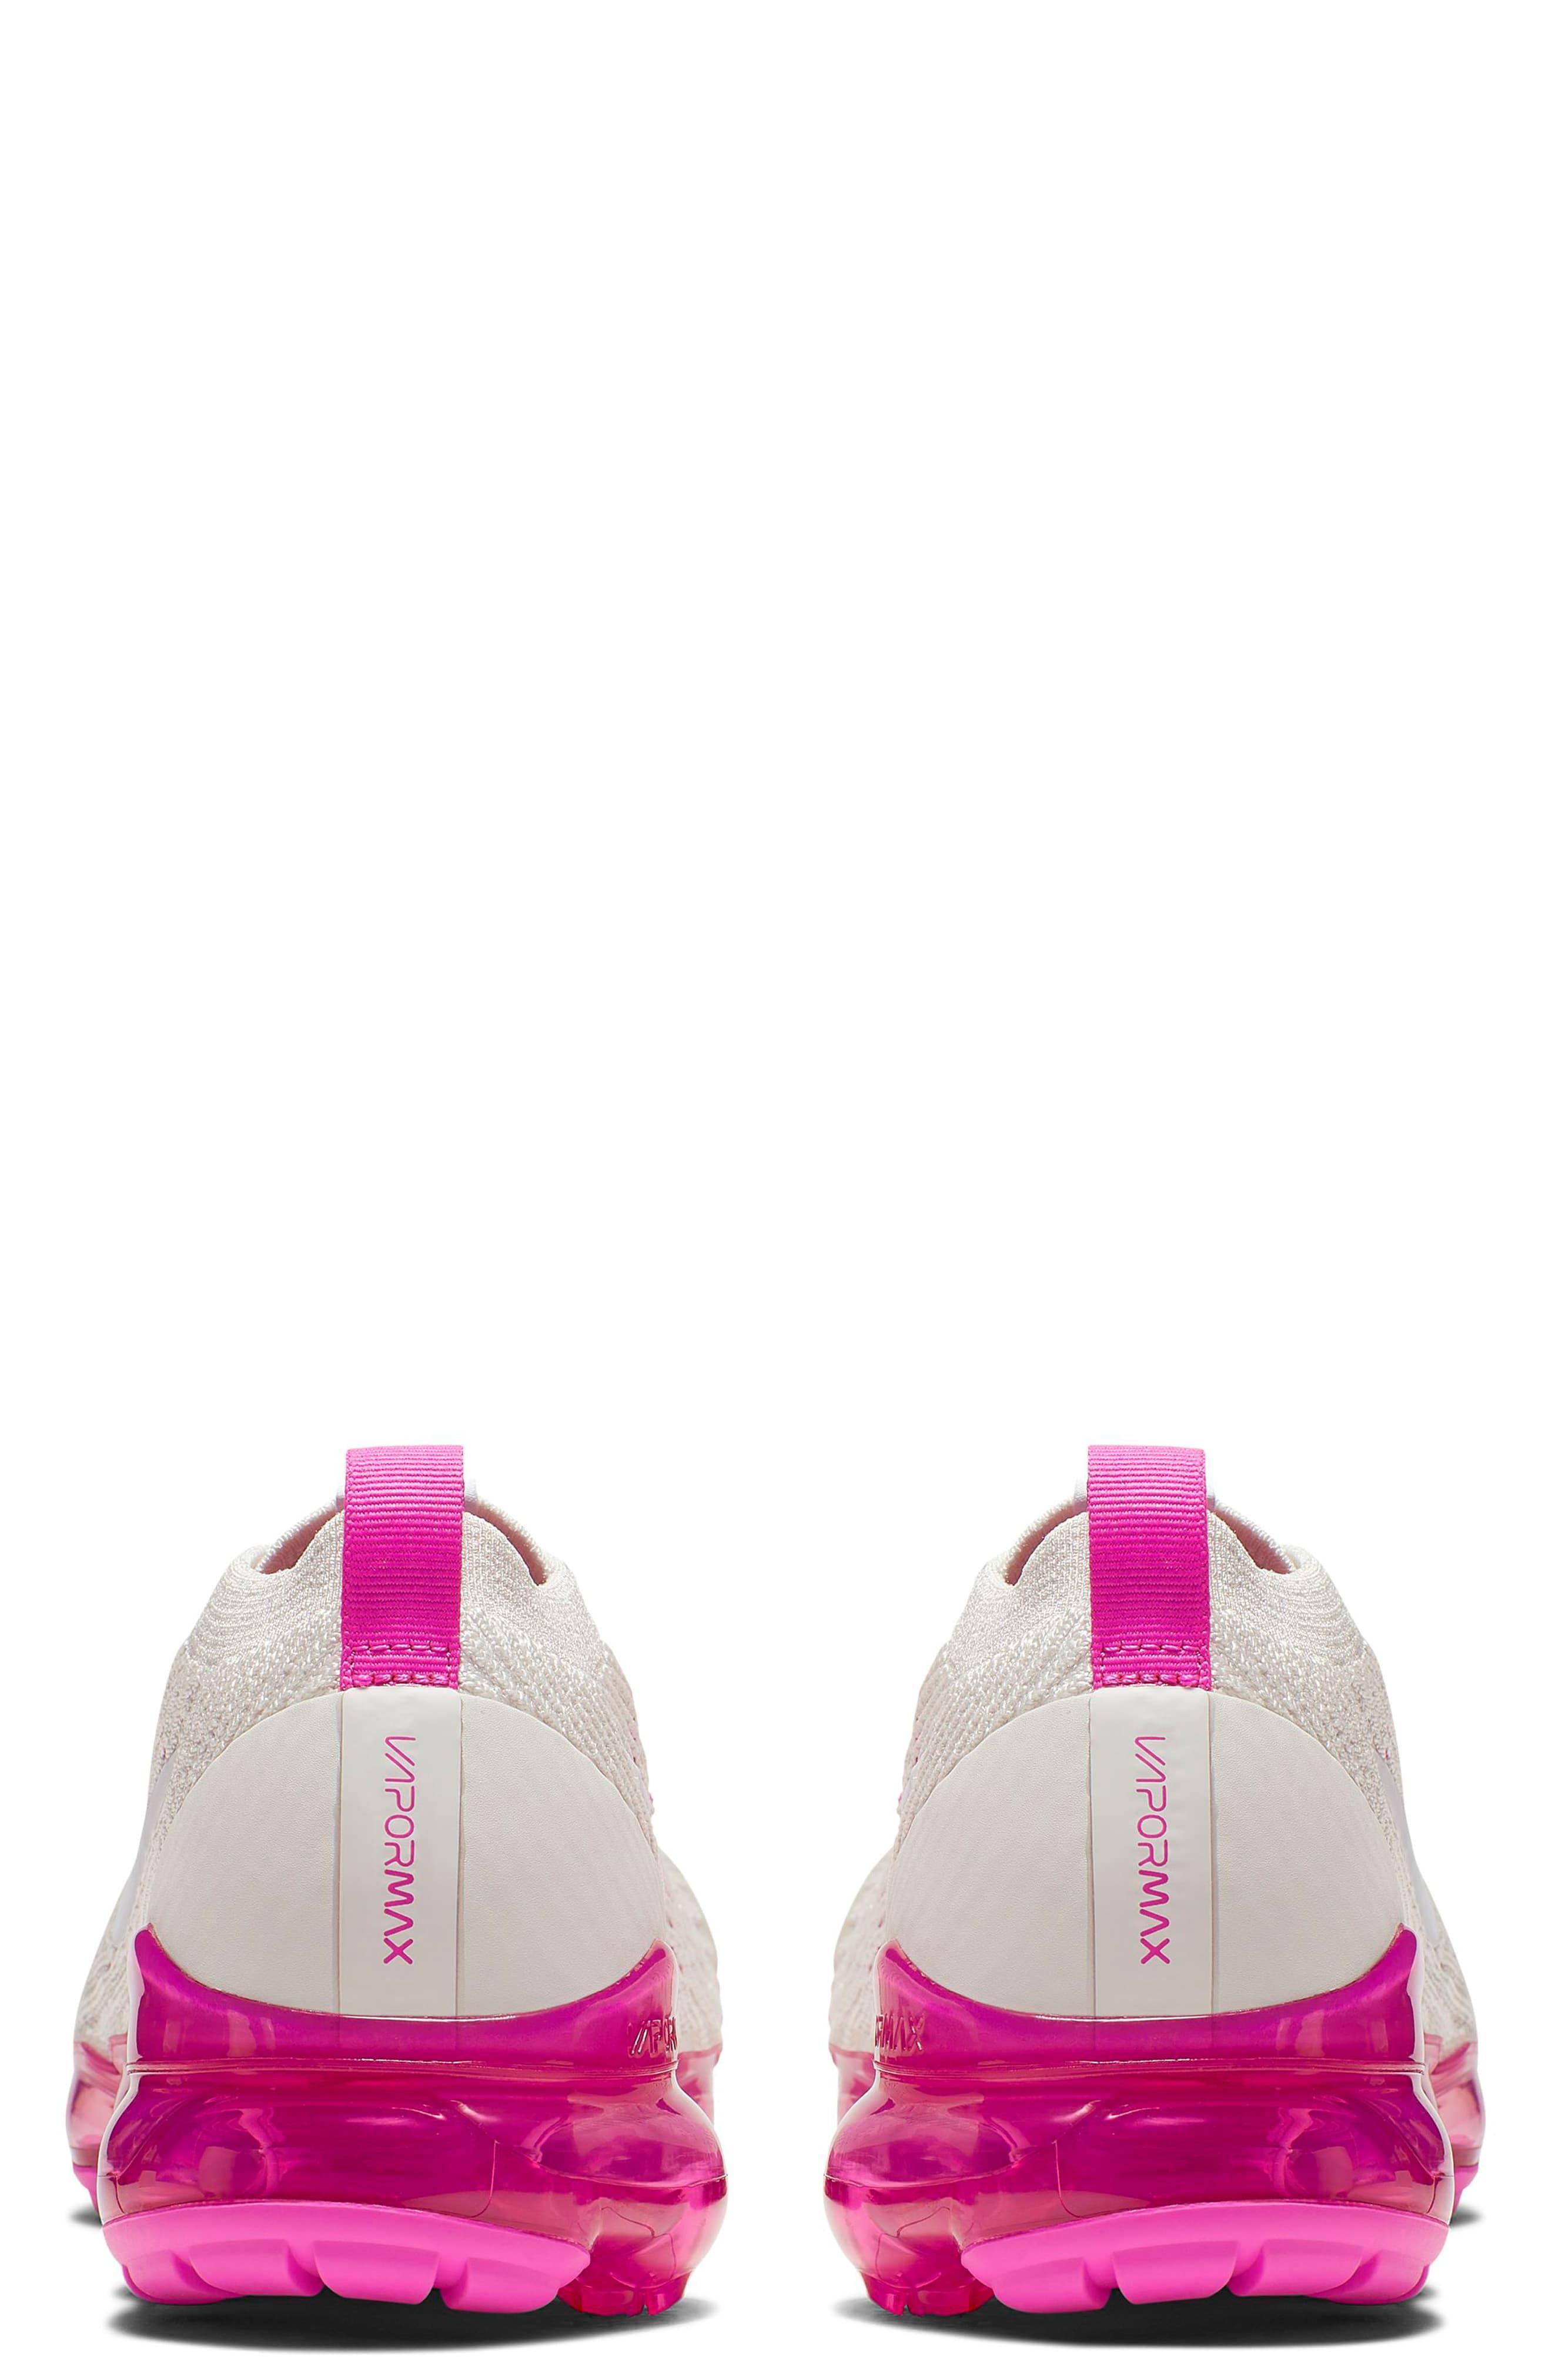 brand new d3288 a12d4 Women's Pink Air Vapormax Flyknit 3